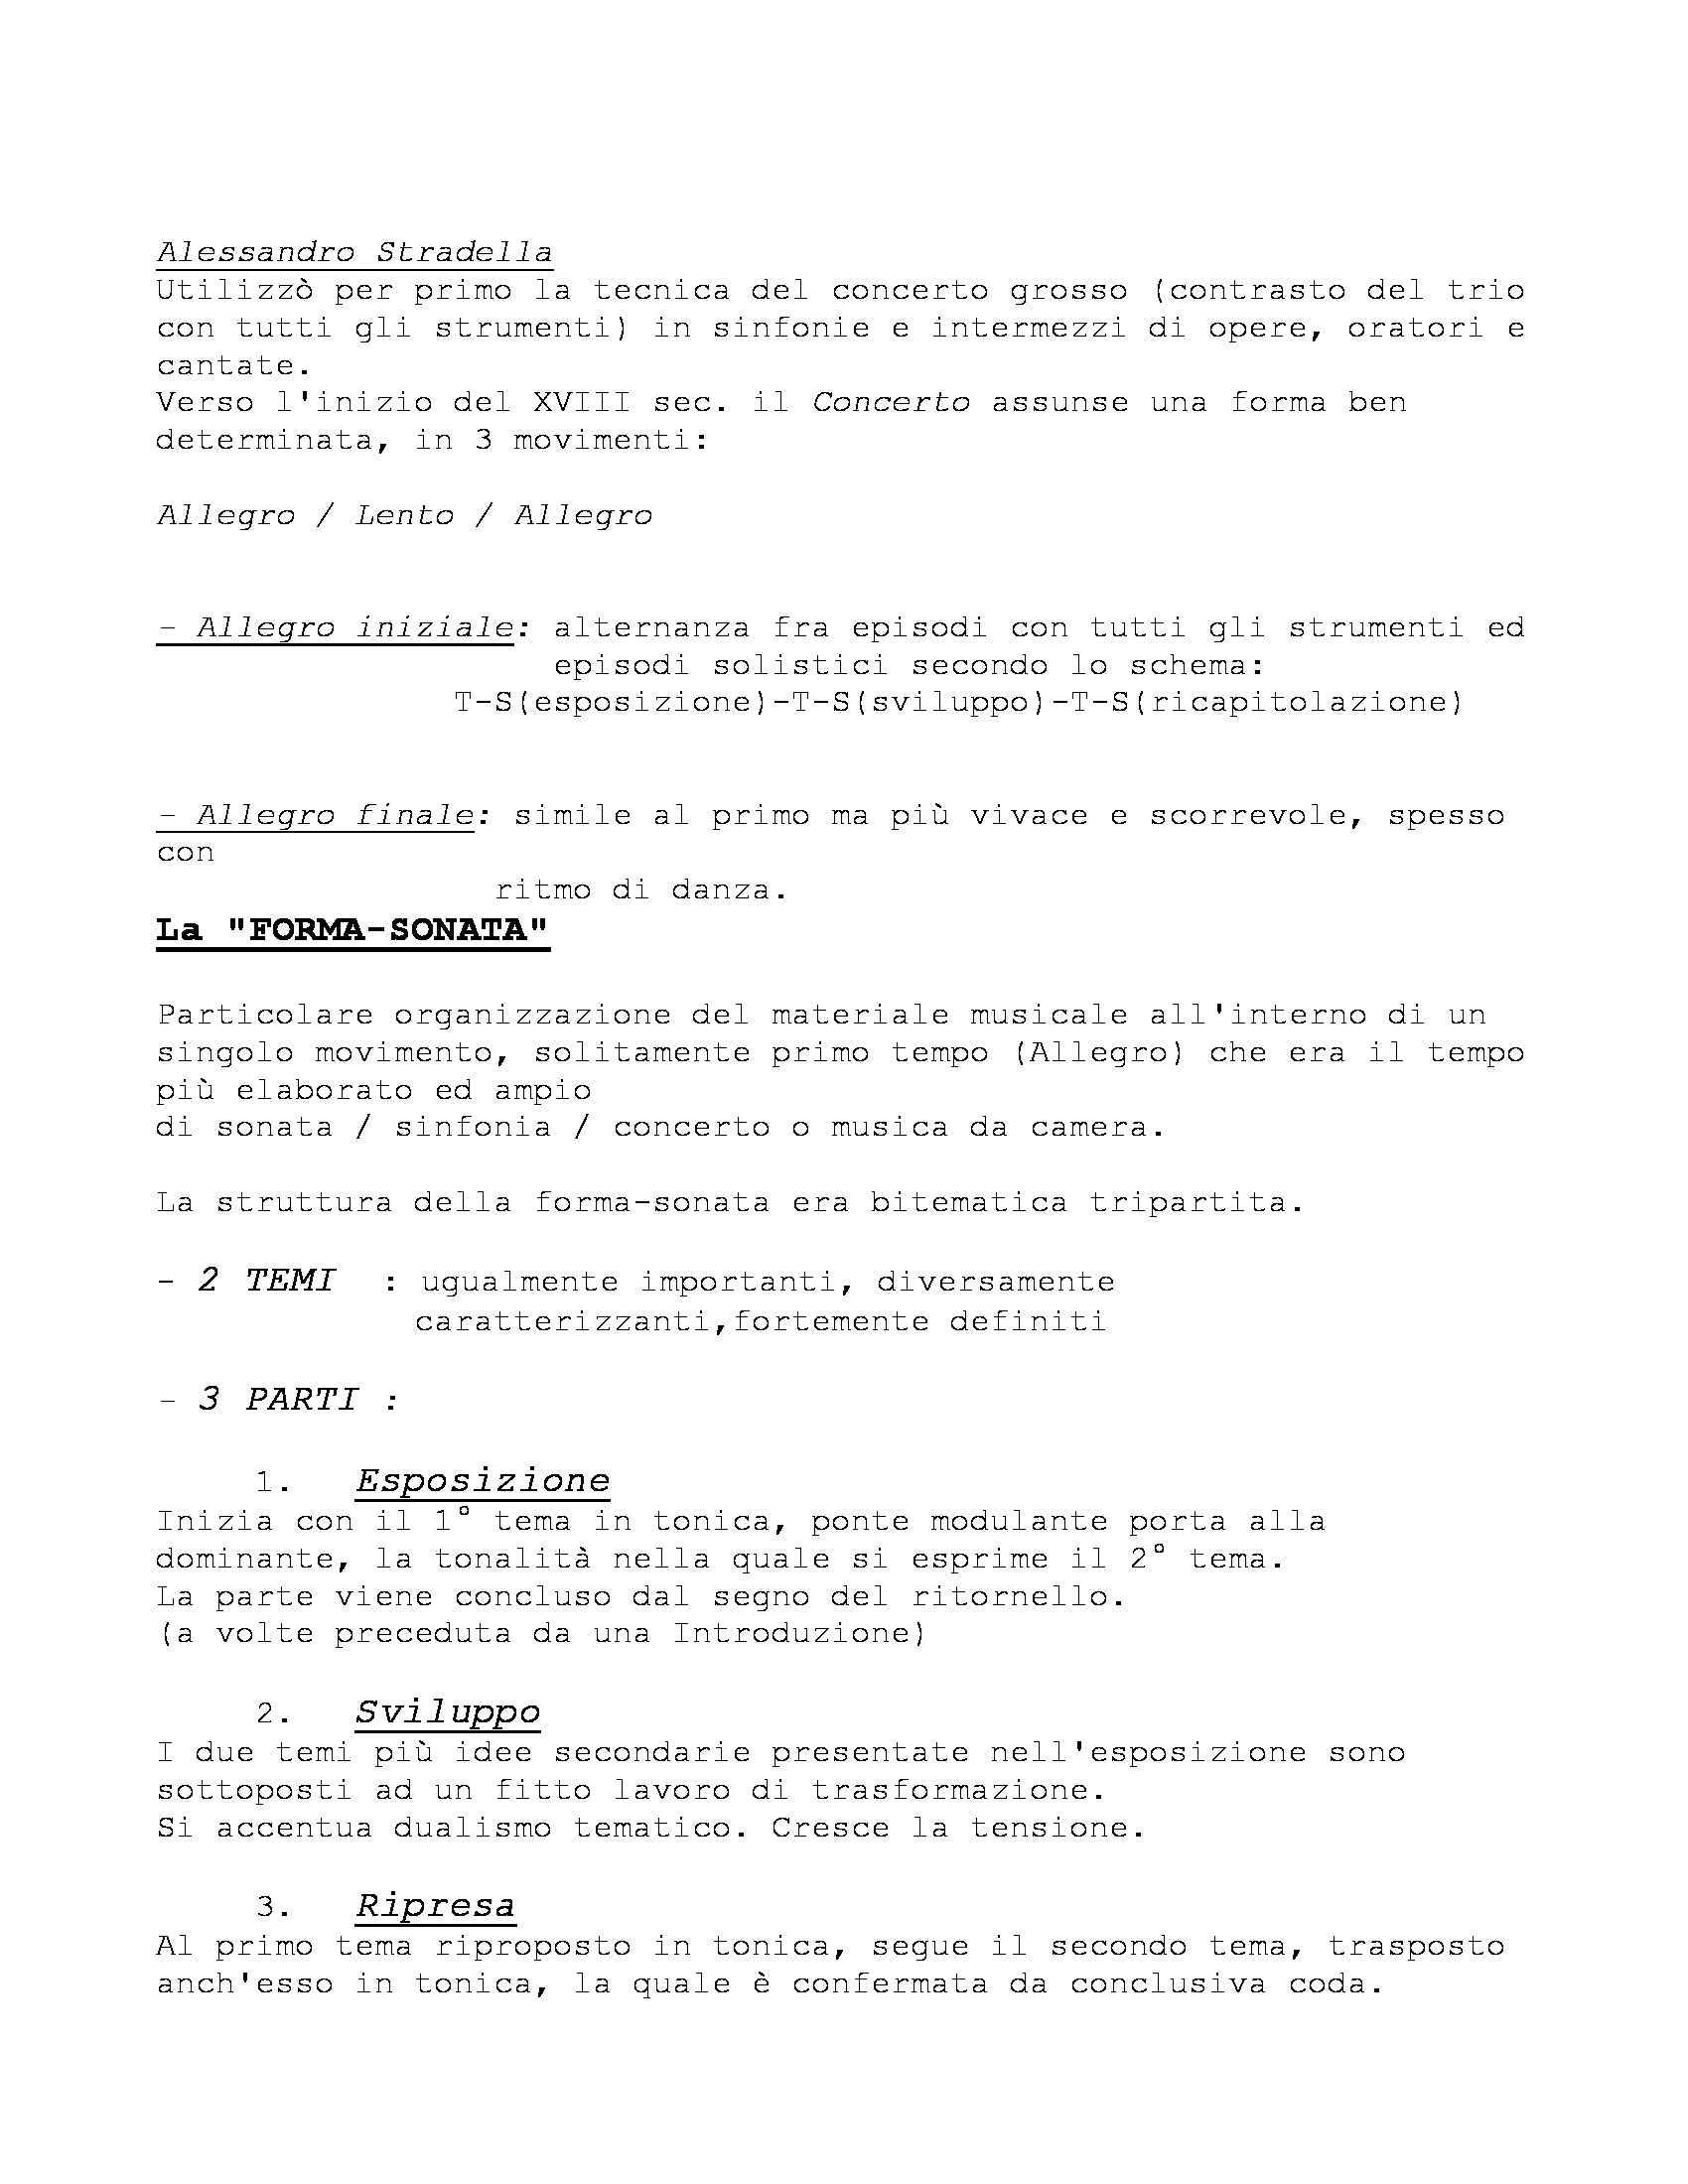 Storia delle Forme e Repertori Musicali 1 - Appunti Pag. 31